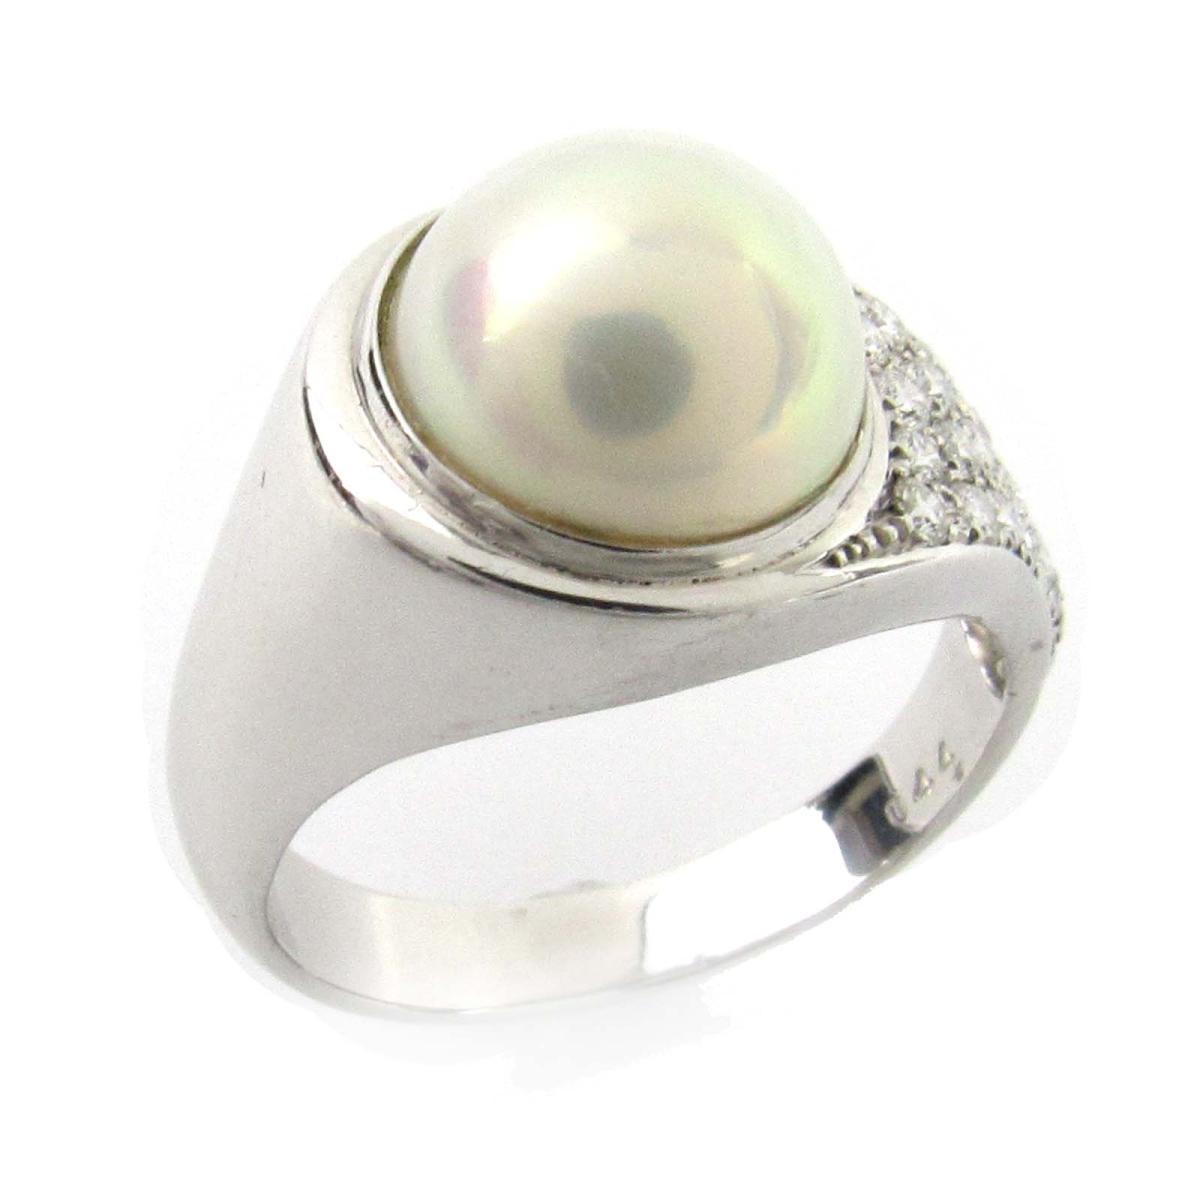 【中古】ジュエリー マペパール ダイヤモンド リング 指輪 ノーブランドジュエリー レディース PT900 プラチナxパール10.7mmxダイヤモンド0.44ct   JEWELRY BRANDOFF ブランドオフ アクセサリー